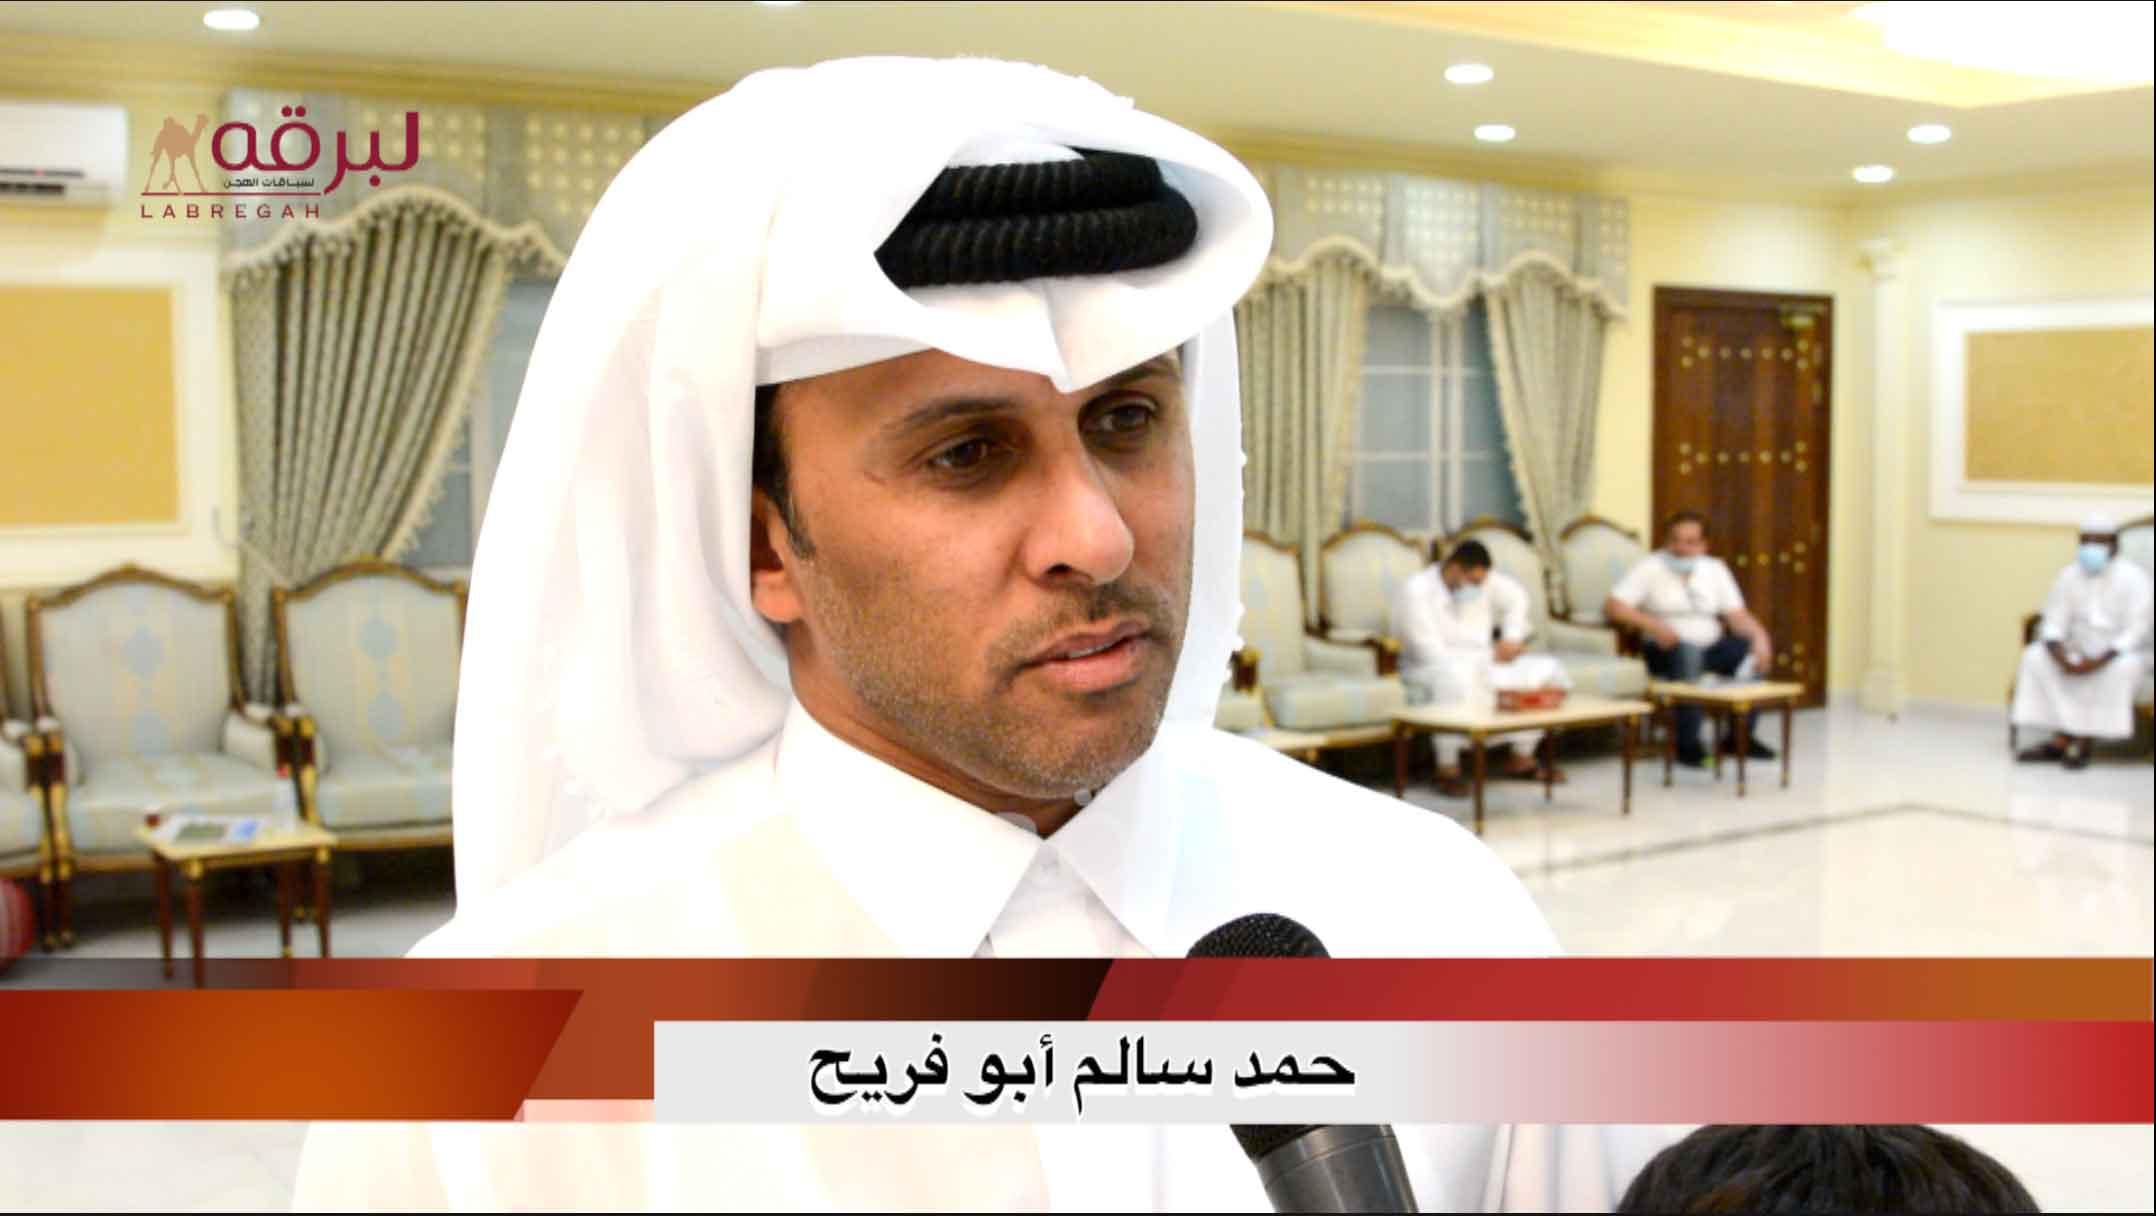 لقاء مع حمد سالم أبو فريح.. الشلفة الفضية جذاع بكار «عمانيات» الأشواط العامة ٢٤-٣-٢٠٢١